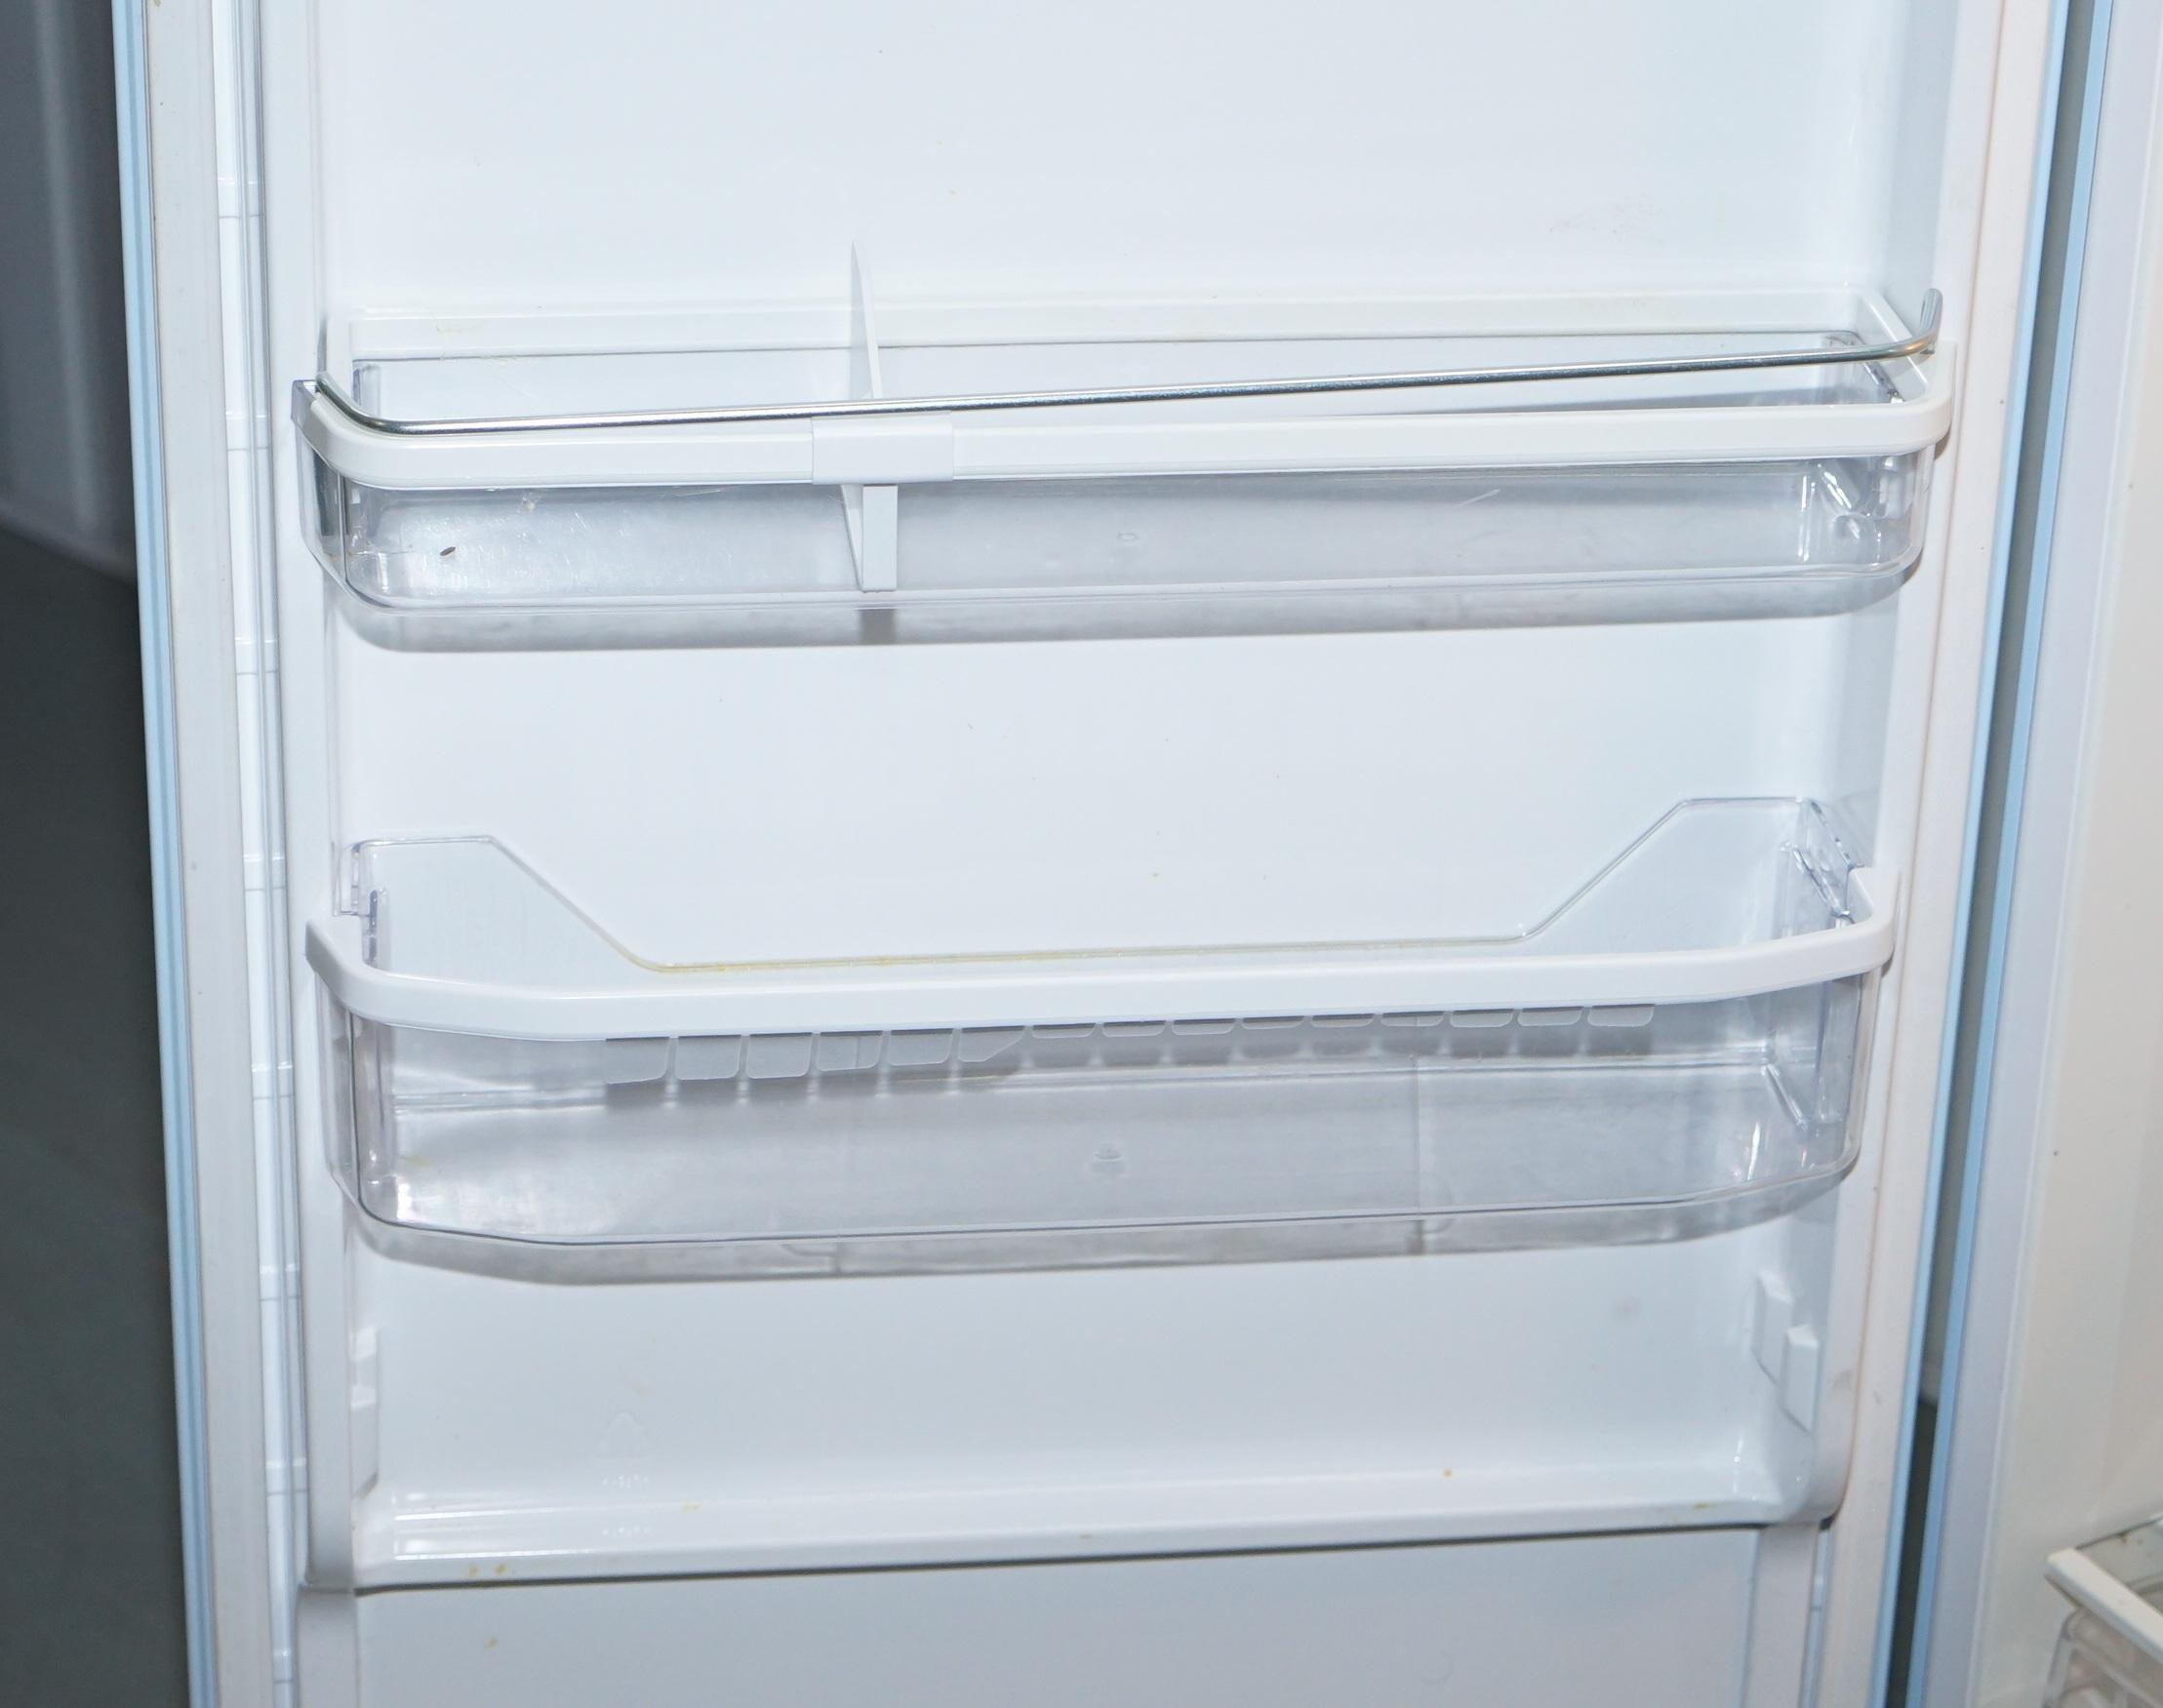 Smeg Kühlschrank Mit Gefrierfach : Smeg pastellblauer fab l kühlschrank mit gefrierfach klassisch